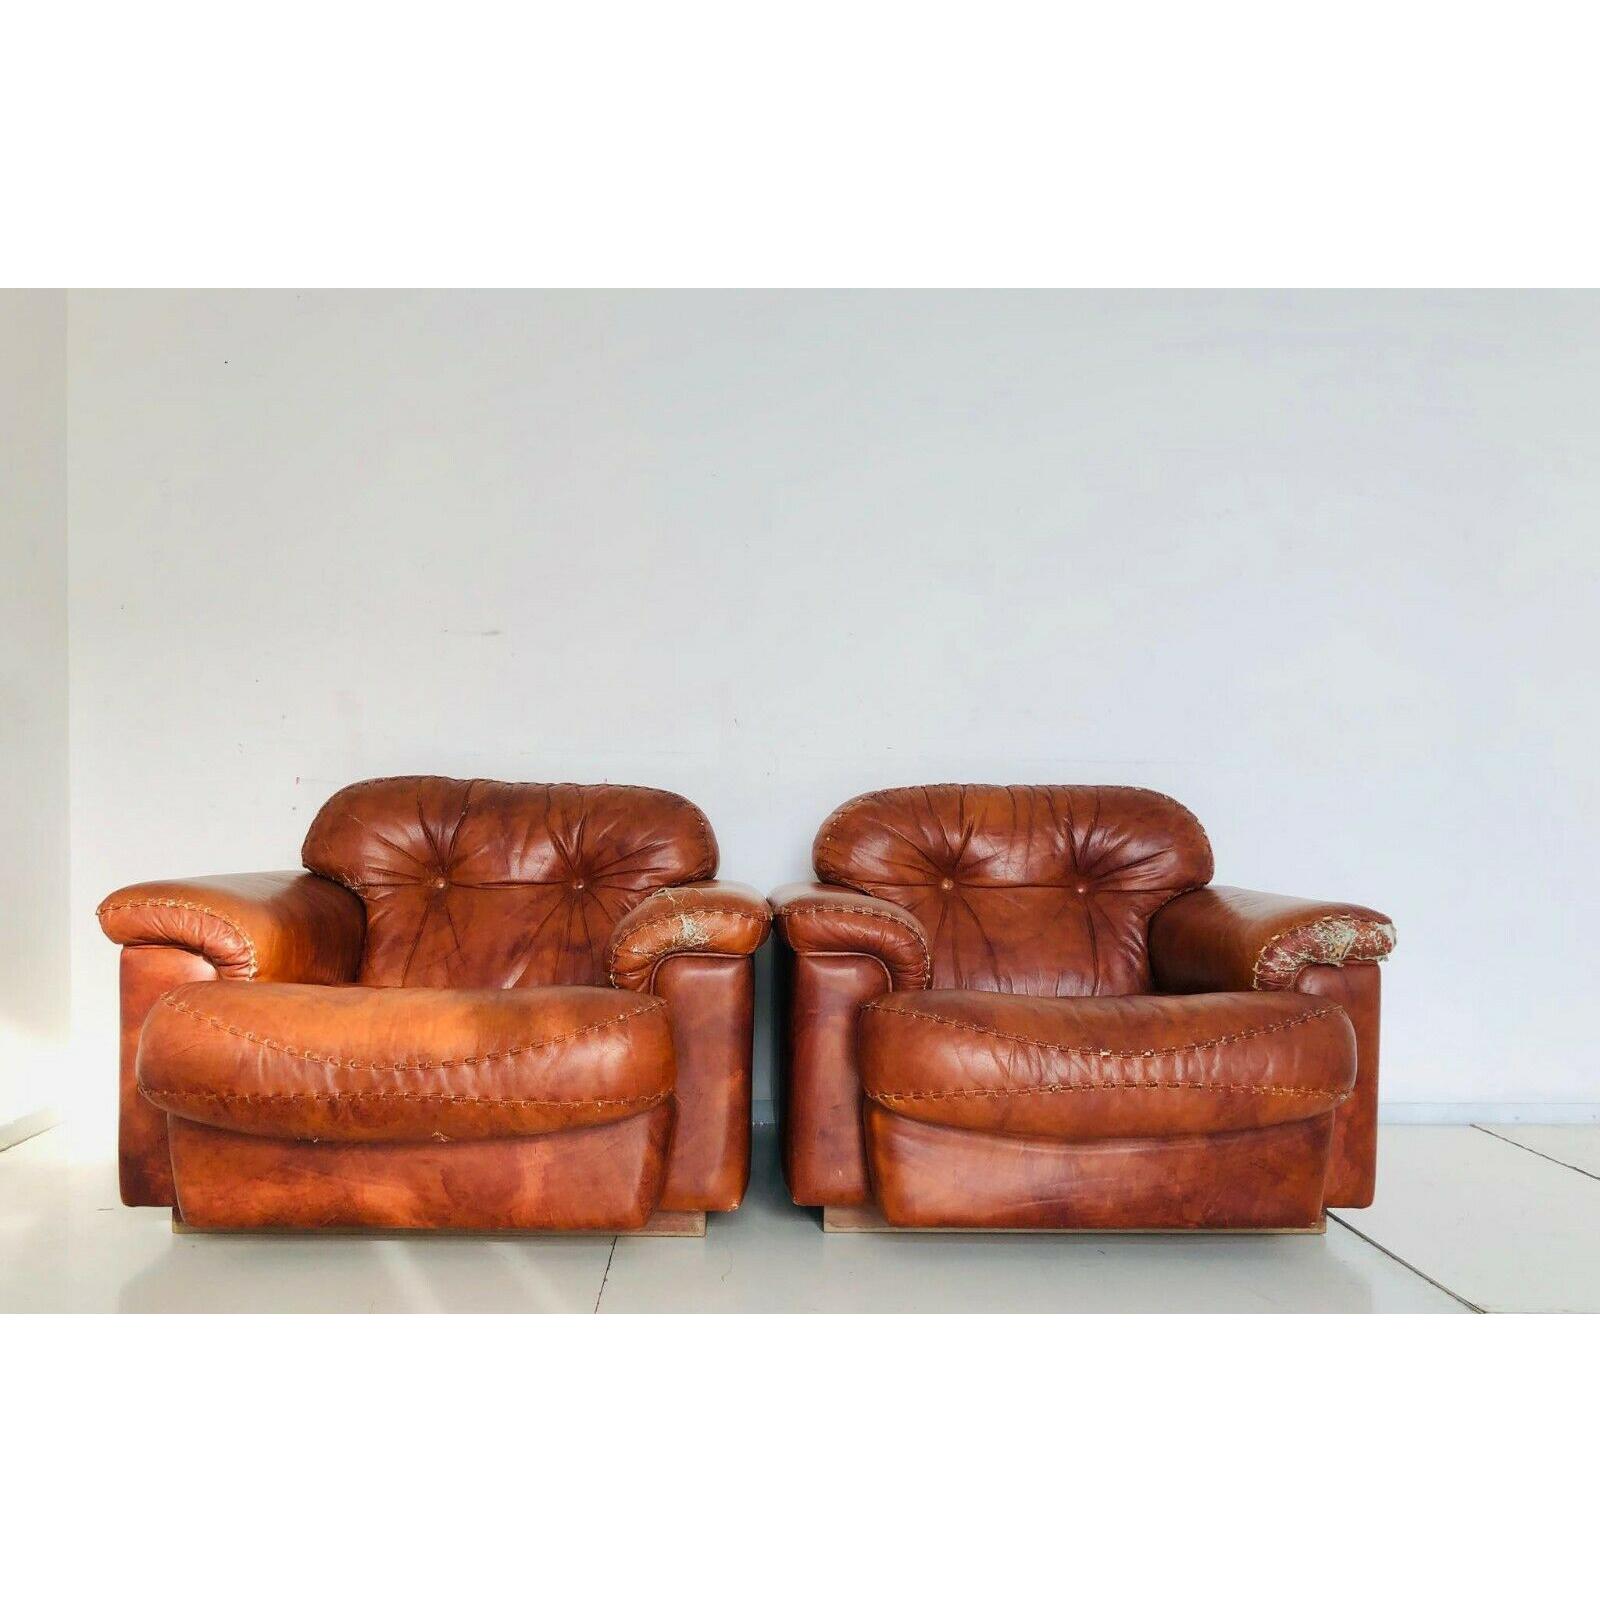 Poltrona Design Anni 70.Due Poltrone In Pelle Vintage Chair Design Anni 70 Old Era